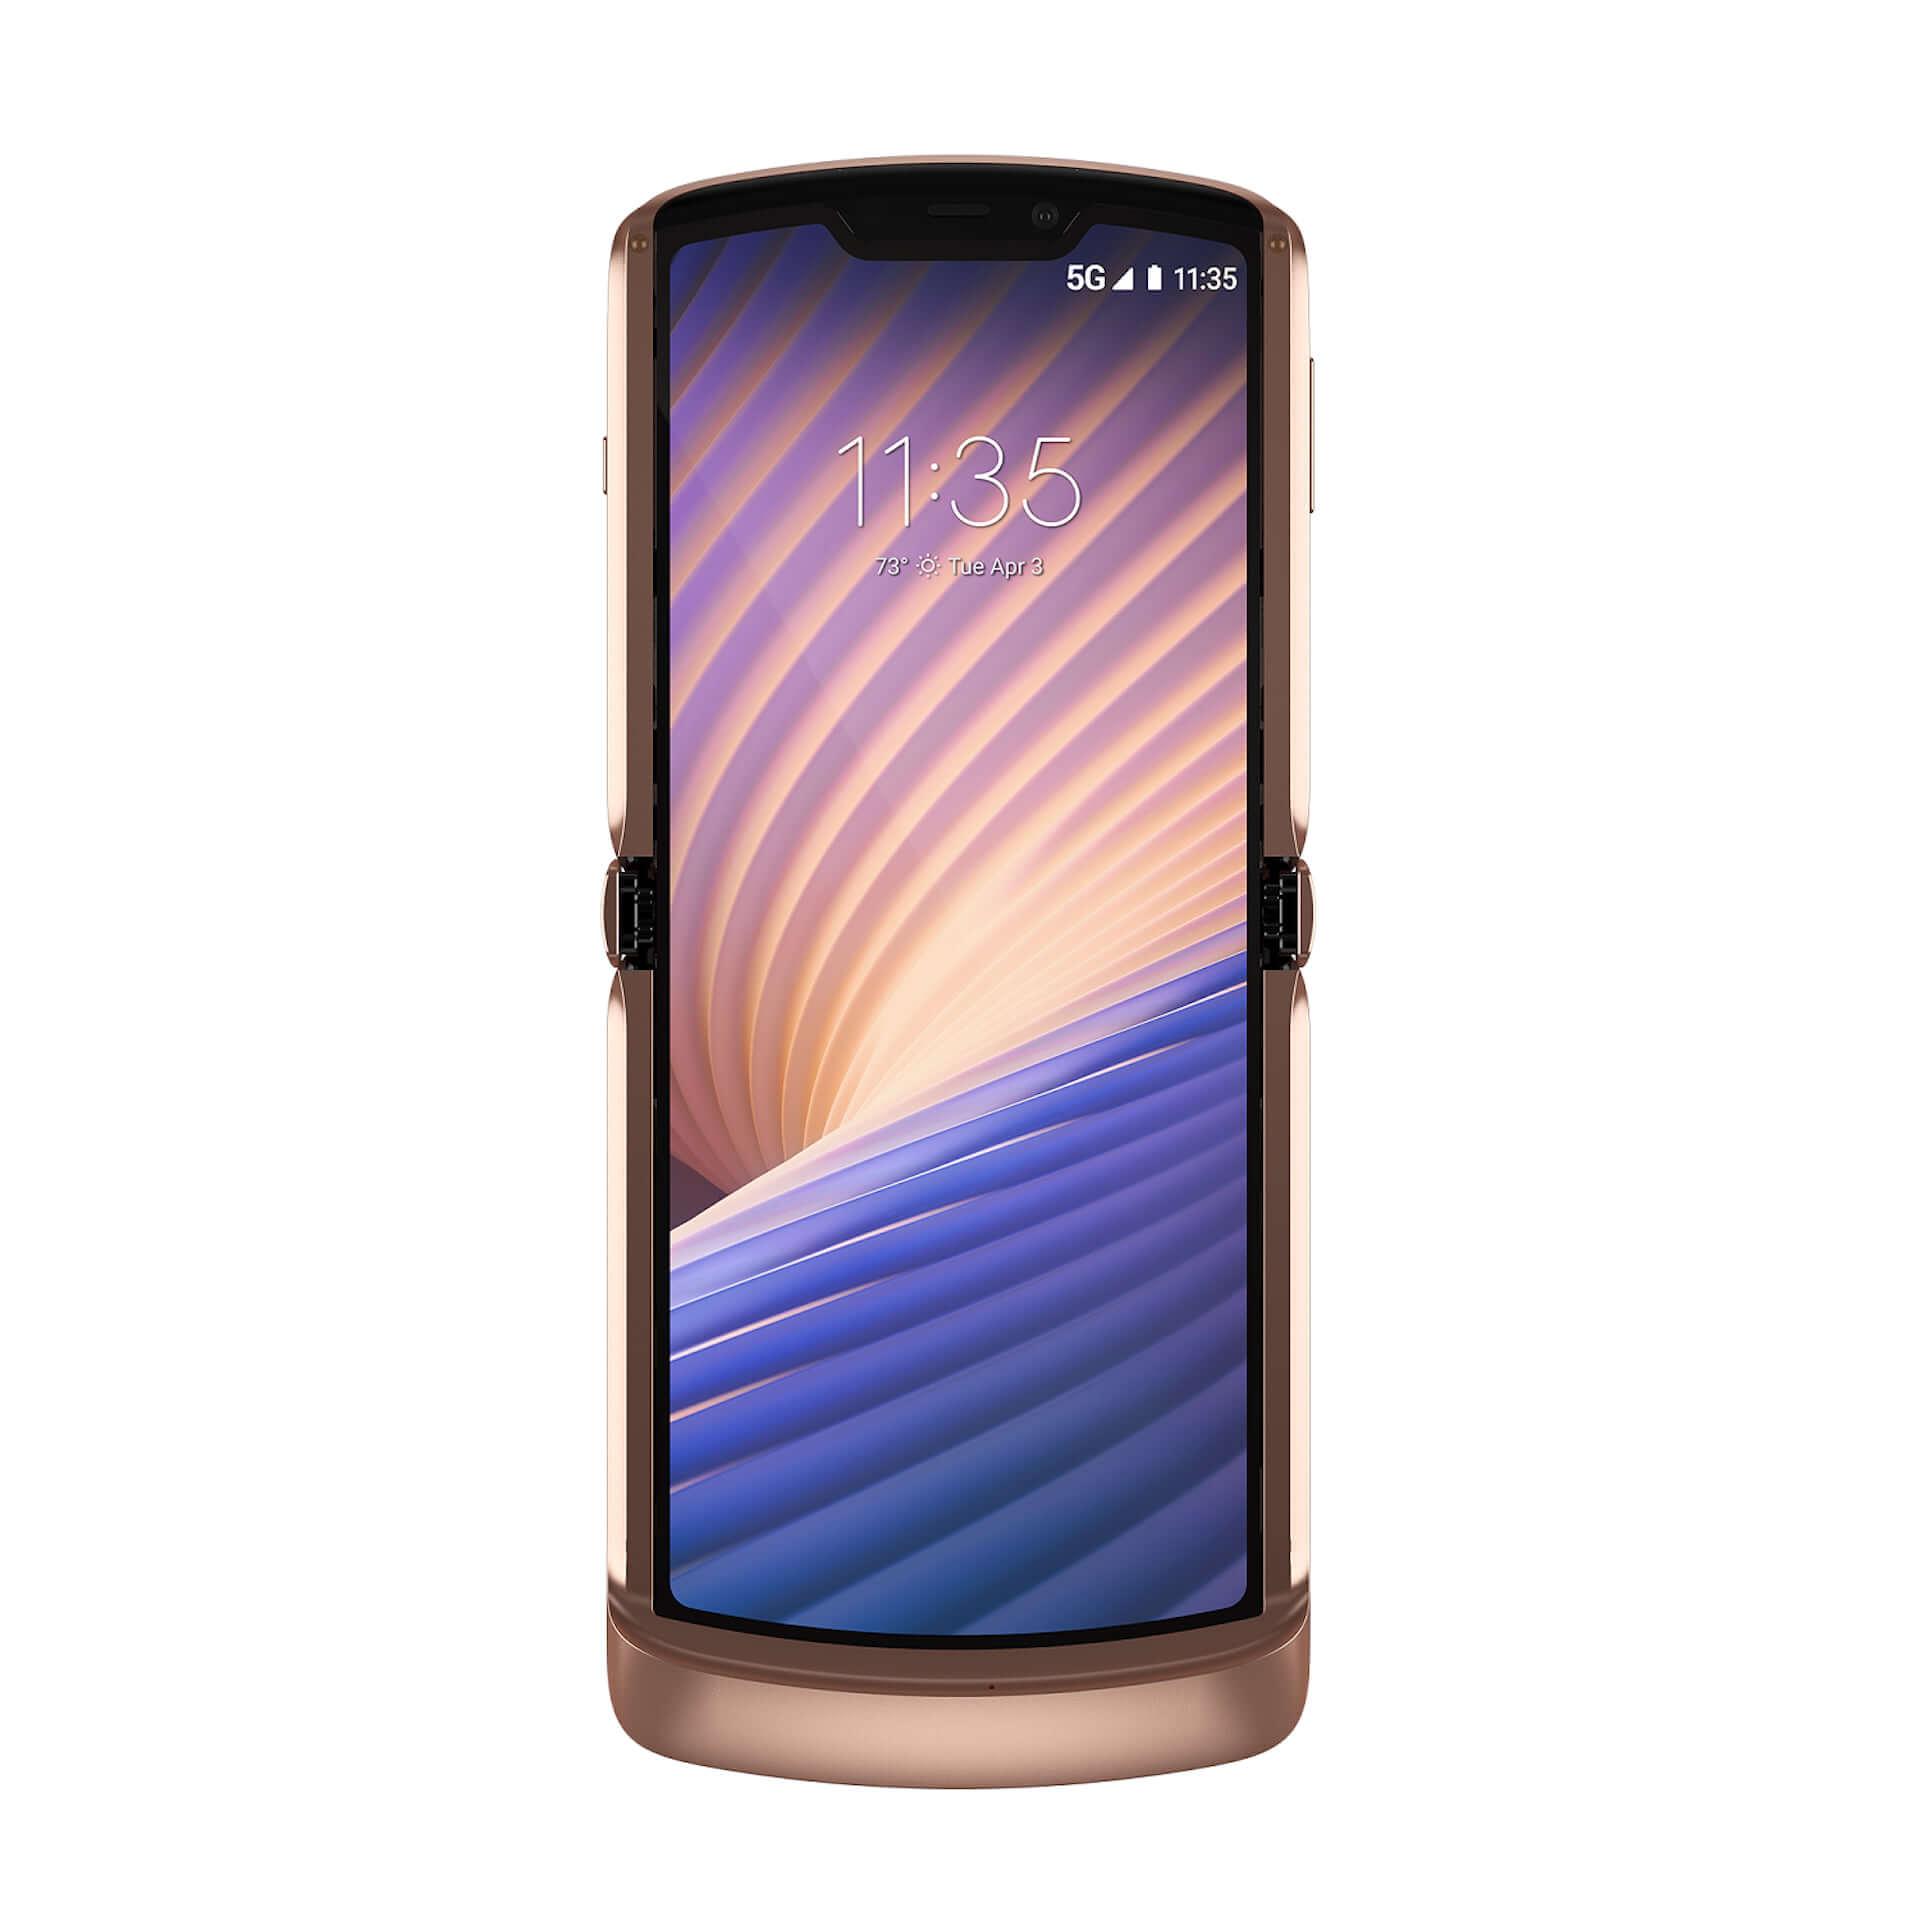 折りたたみ式5G対応スマホ『motorola razr 5G』に限定カラー「Blush Gold」が登場!+Styleにて国内独占販売 tech210319_motorola-razr-5G_3-1920x1920